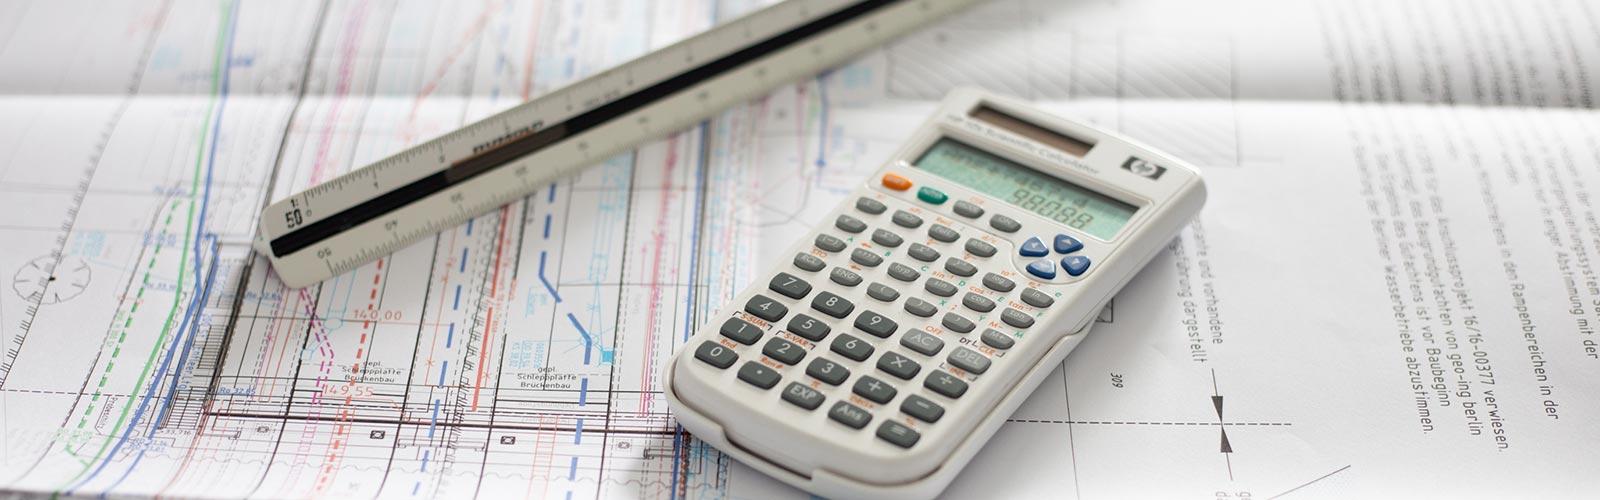 Plan mit Maßstab und Taschenrechner